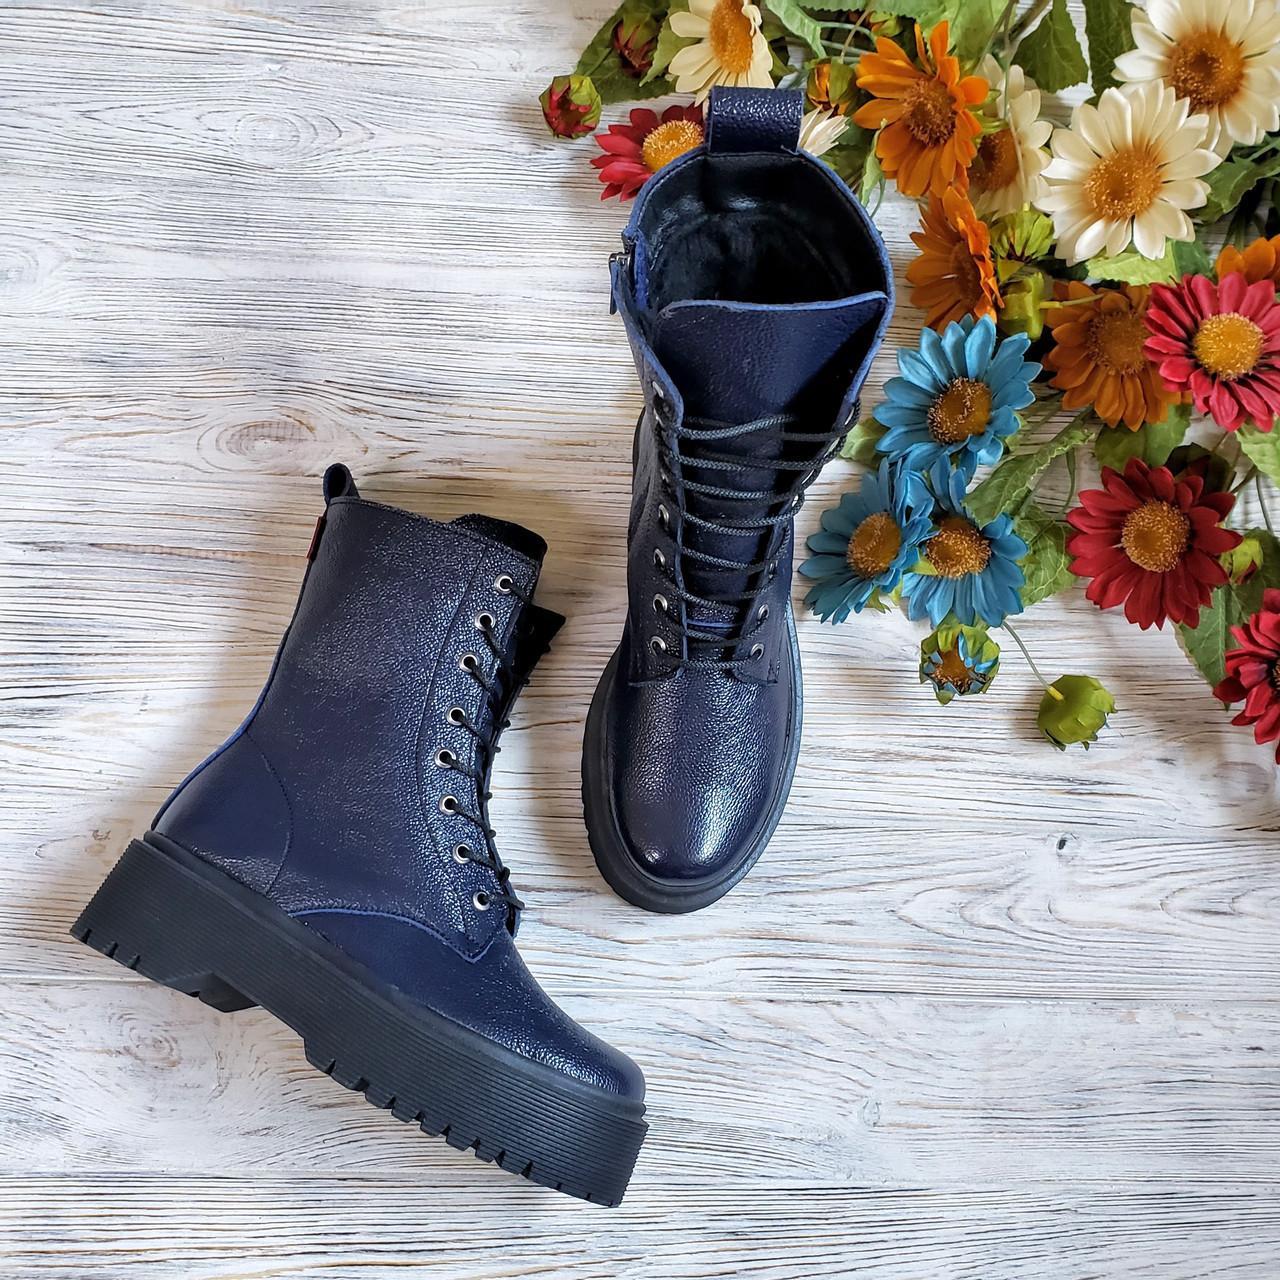 🍁 Женские демисезонные высокие кожаные ботинки на шнуровке WooDstock (синий лак)